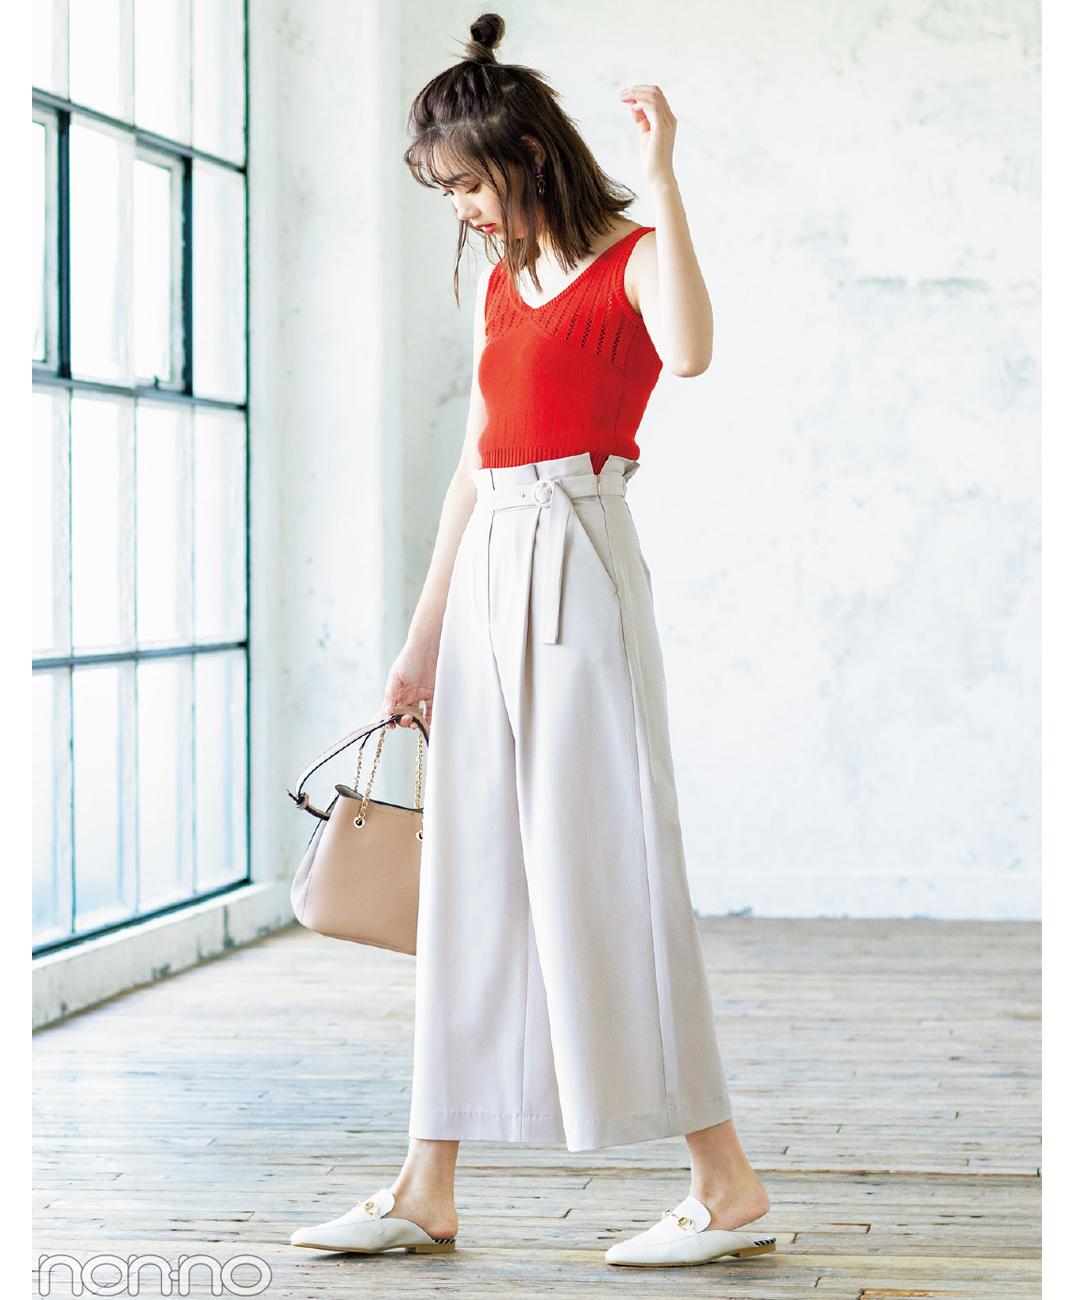 【夏のパンツコーデ】江野沢愛美は、ベルト付きワイドパンツでウエストきゅっな脚長コーデ♪